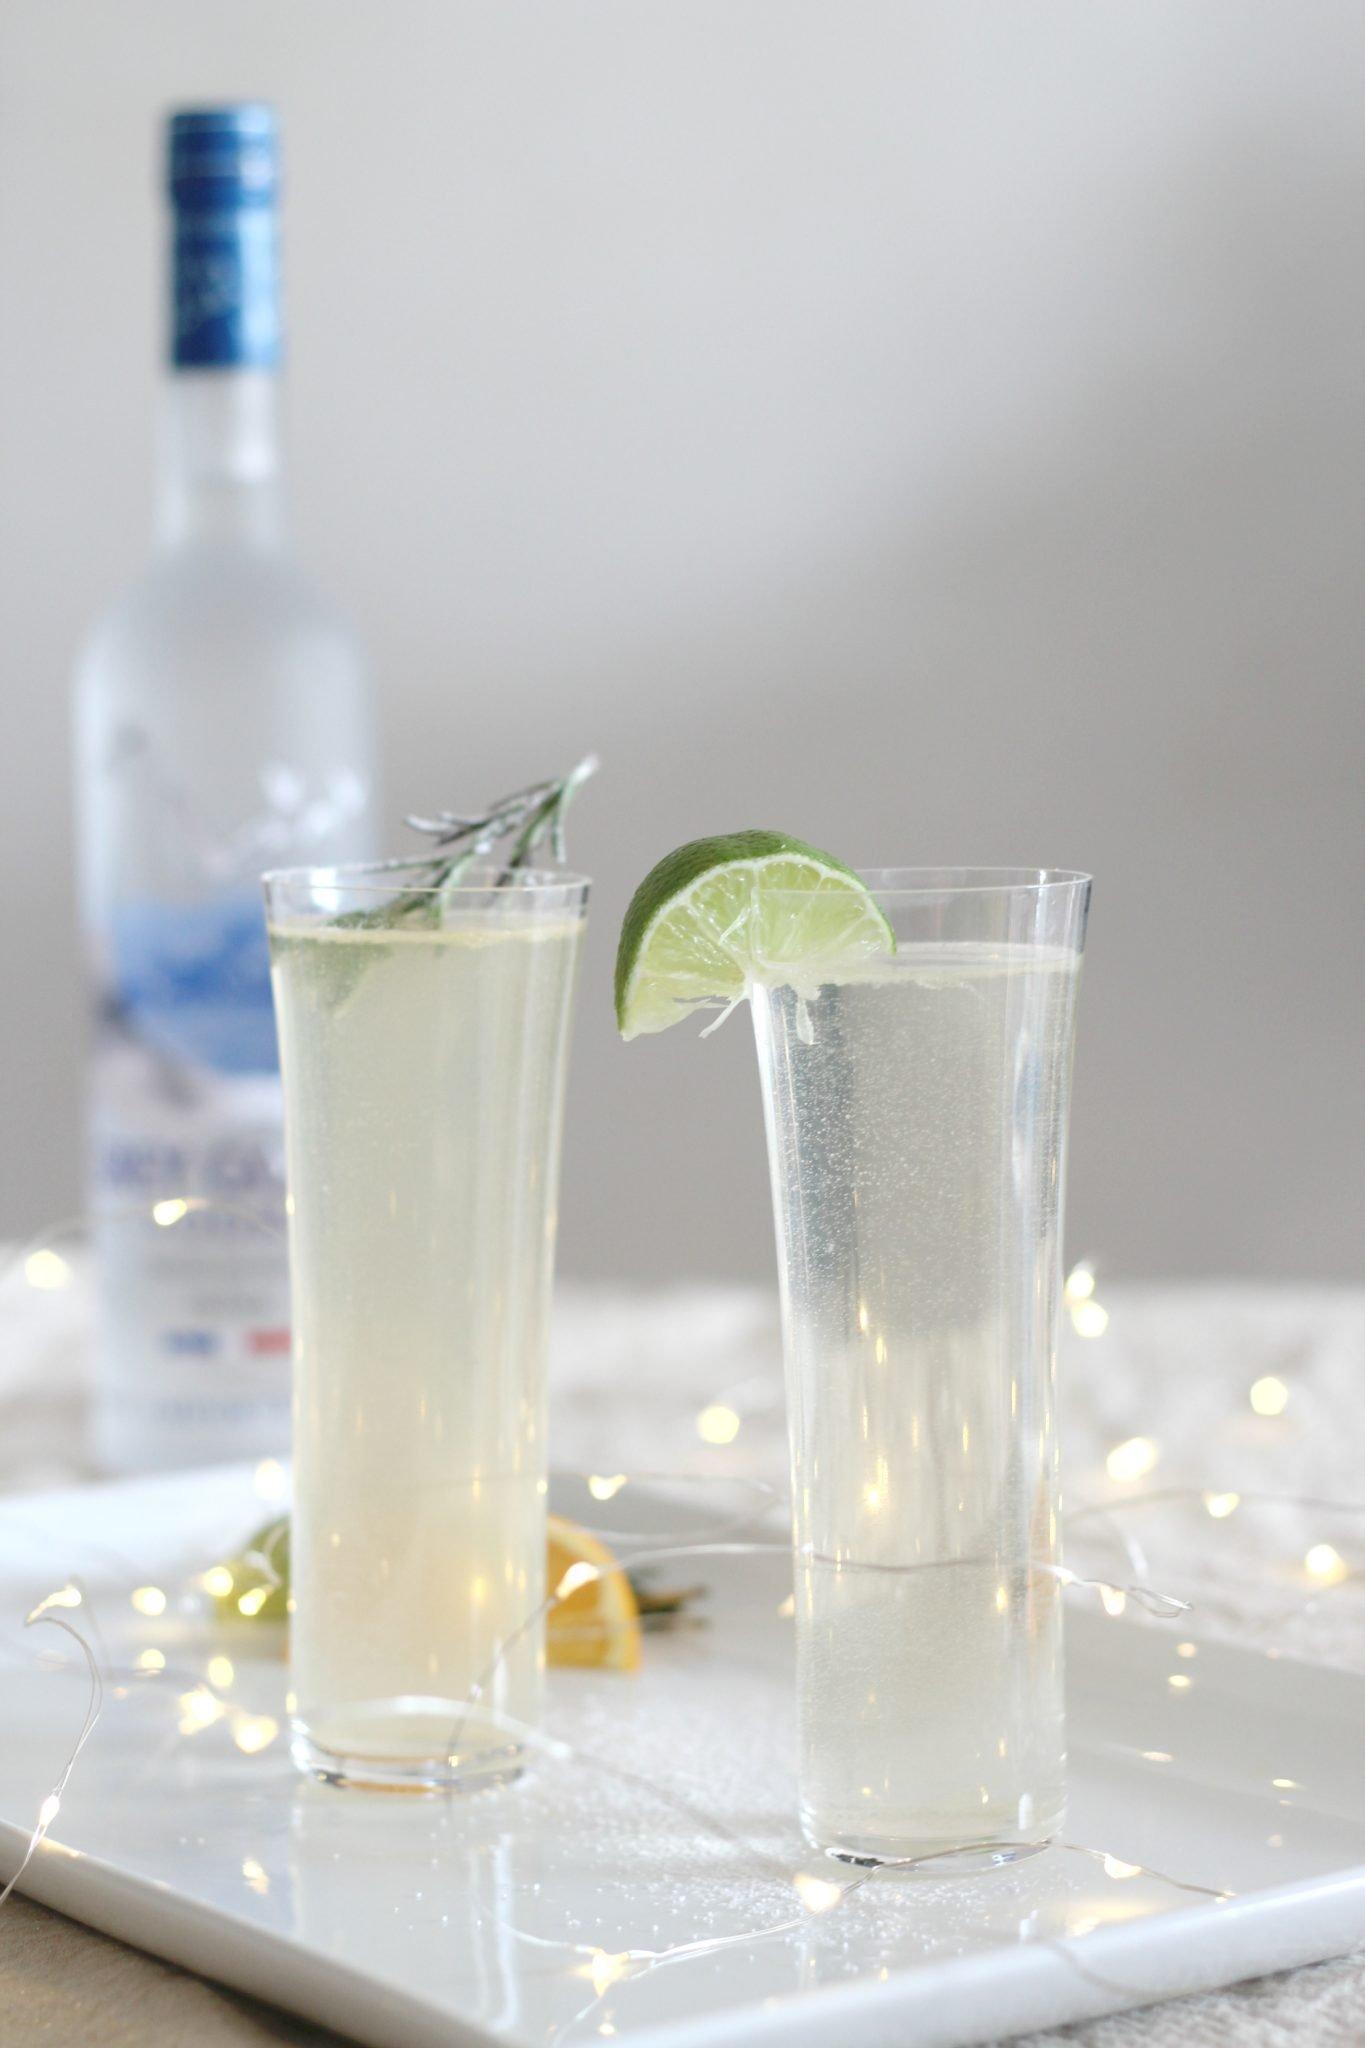 טיפים לחיסכון באלכוהול לחתונה